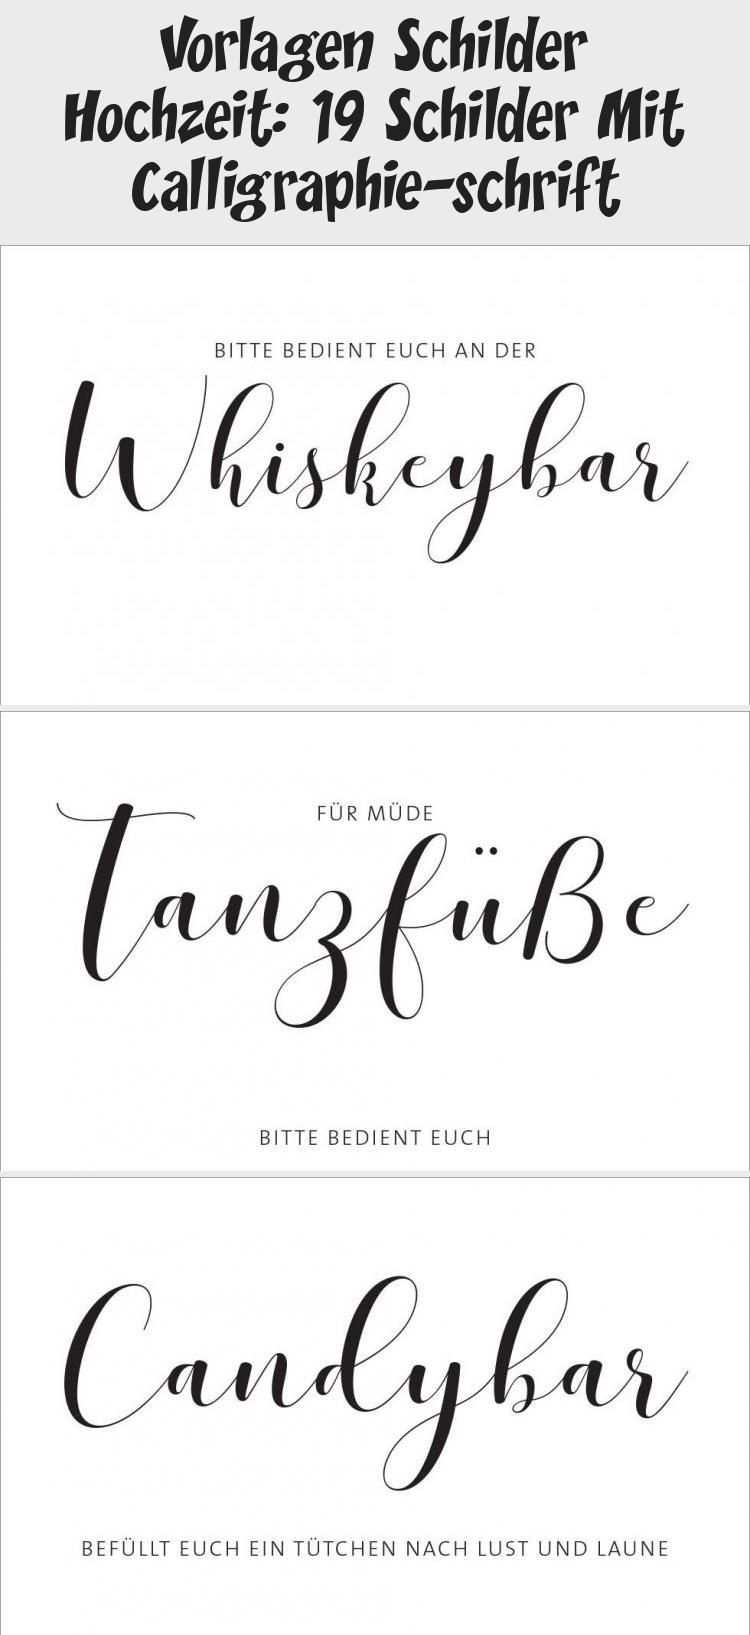 Vorlagen Schilder Hochzeit 19 Schilder Mit Calligraphie Schrift